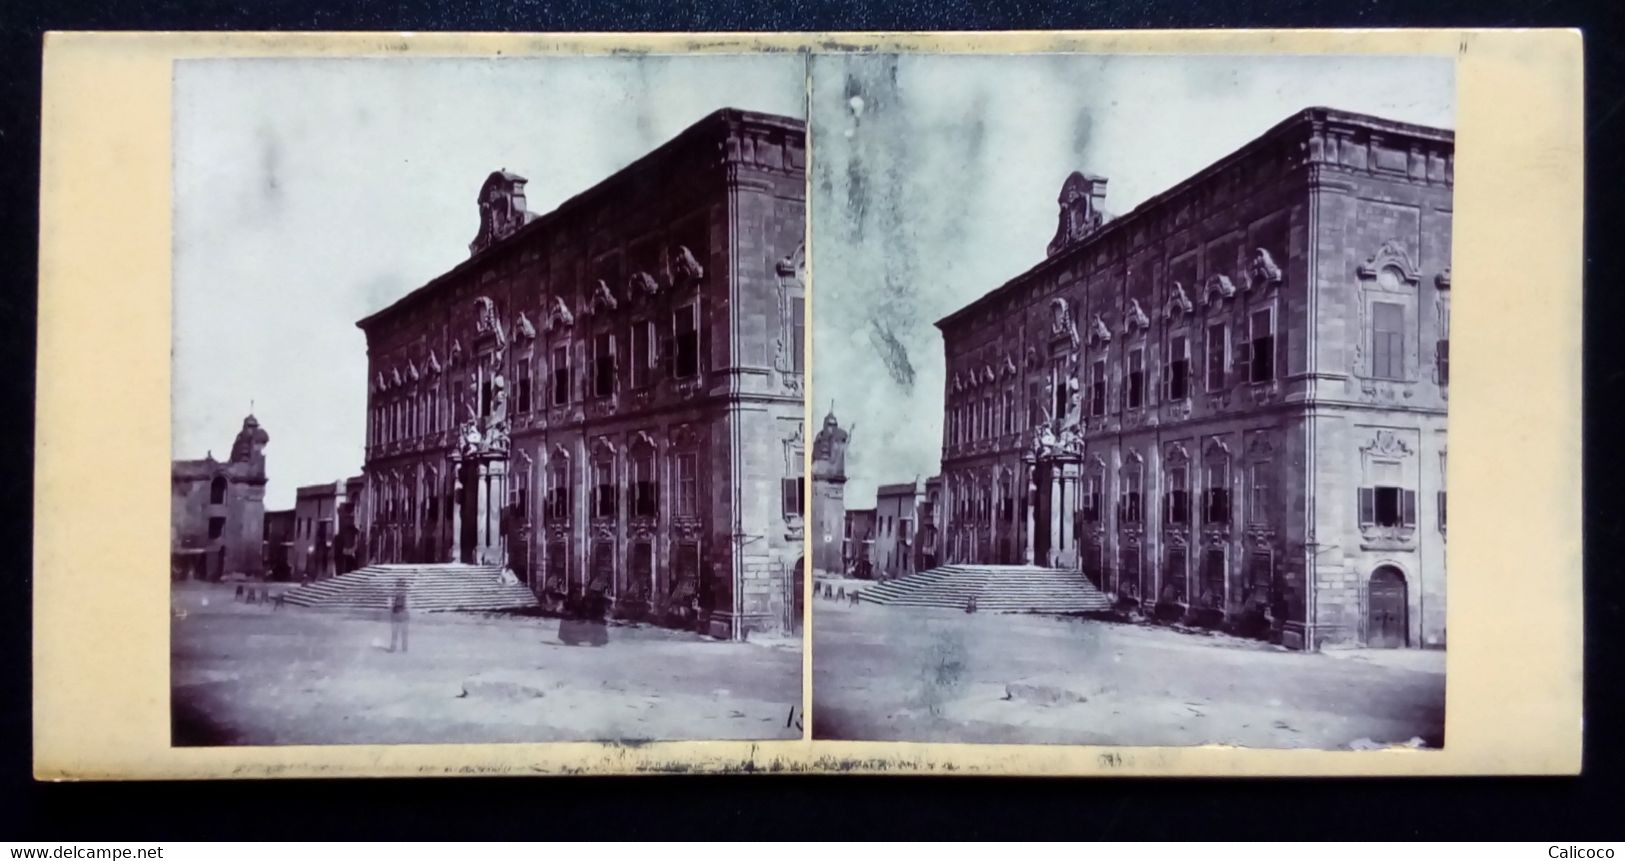 Vue Stéréoscopique Thé Hôtel Officiel Thé Spanish Chevaliers - Stereoscopic